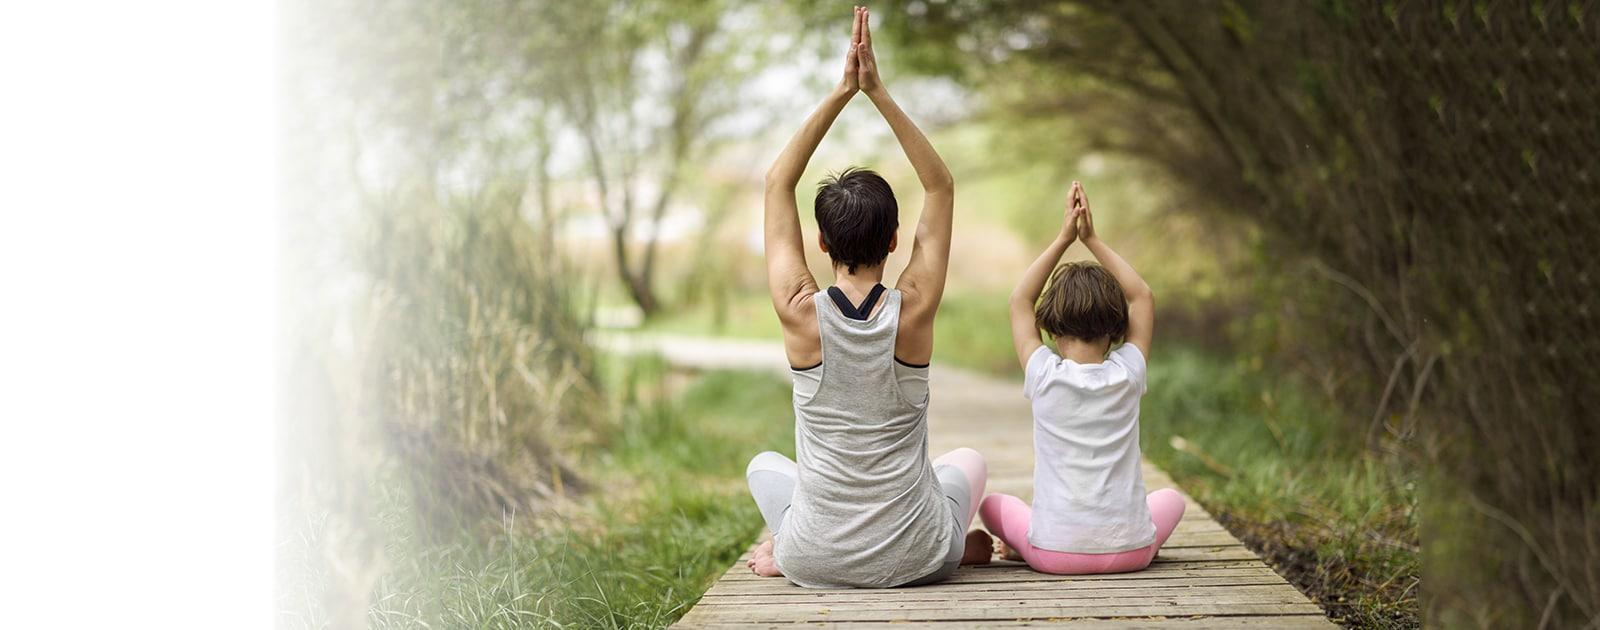 Pratiques corporelle de bien-être